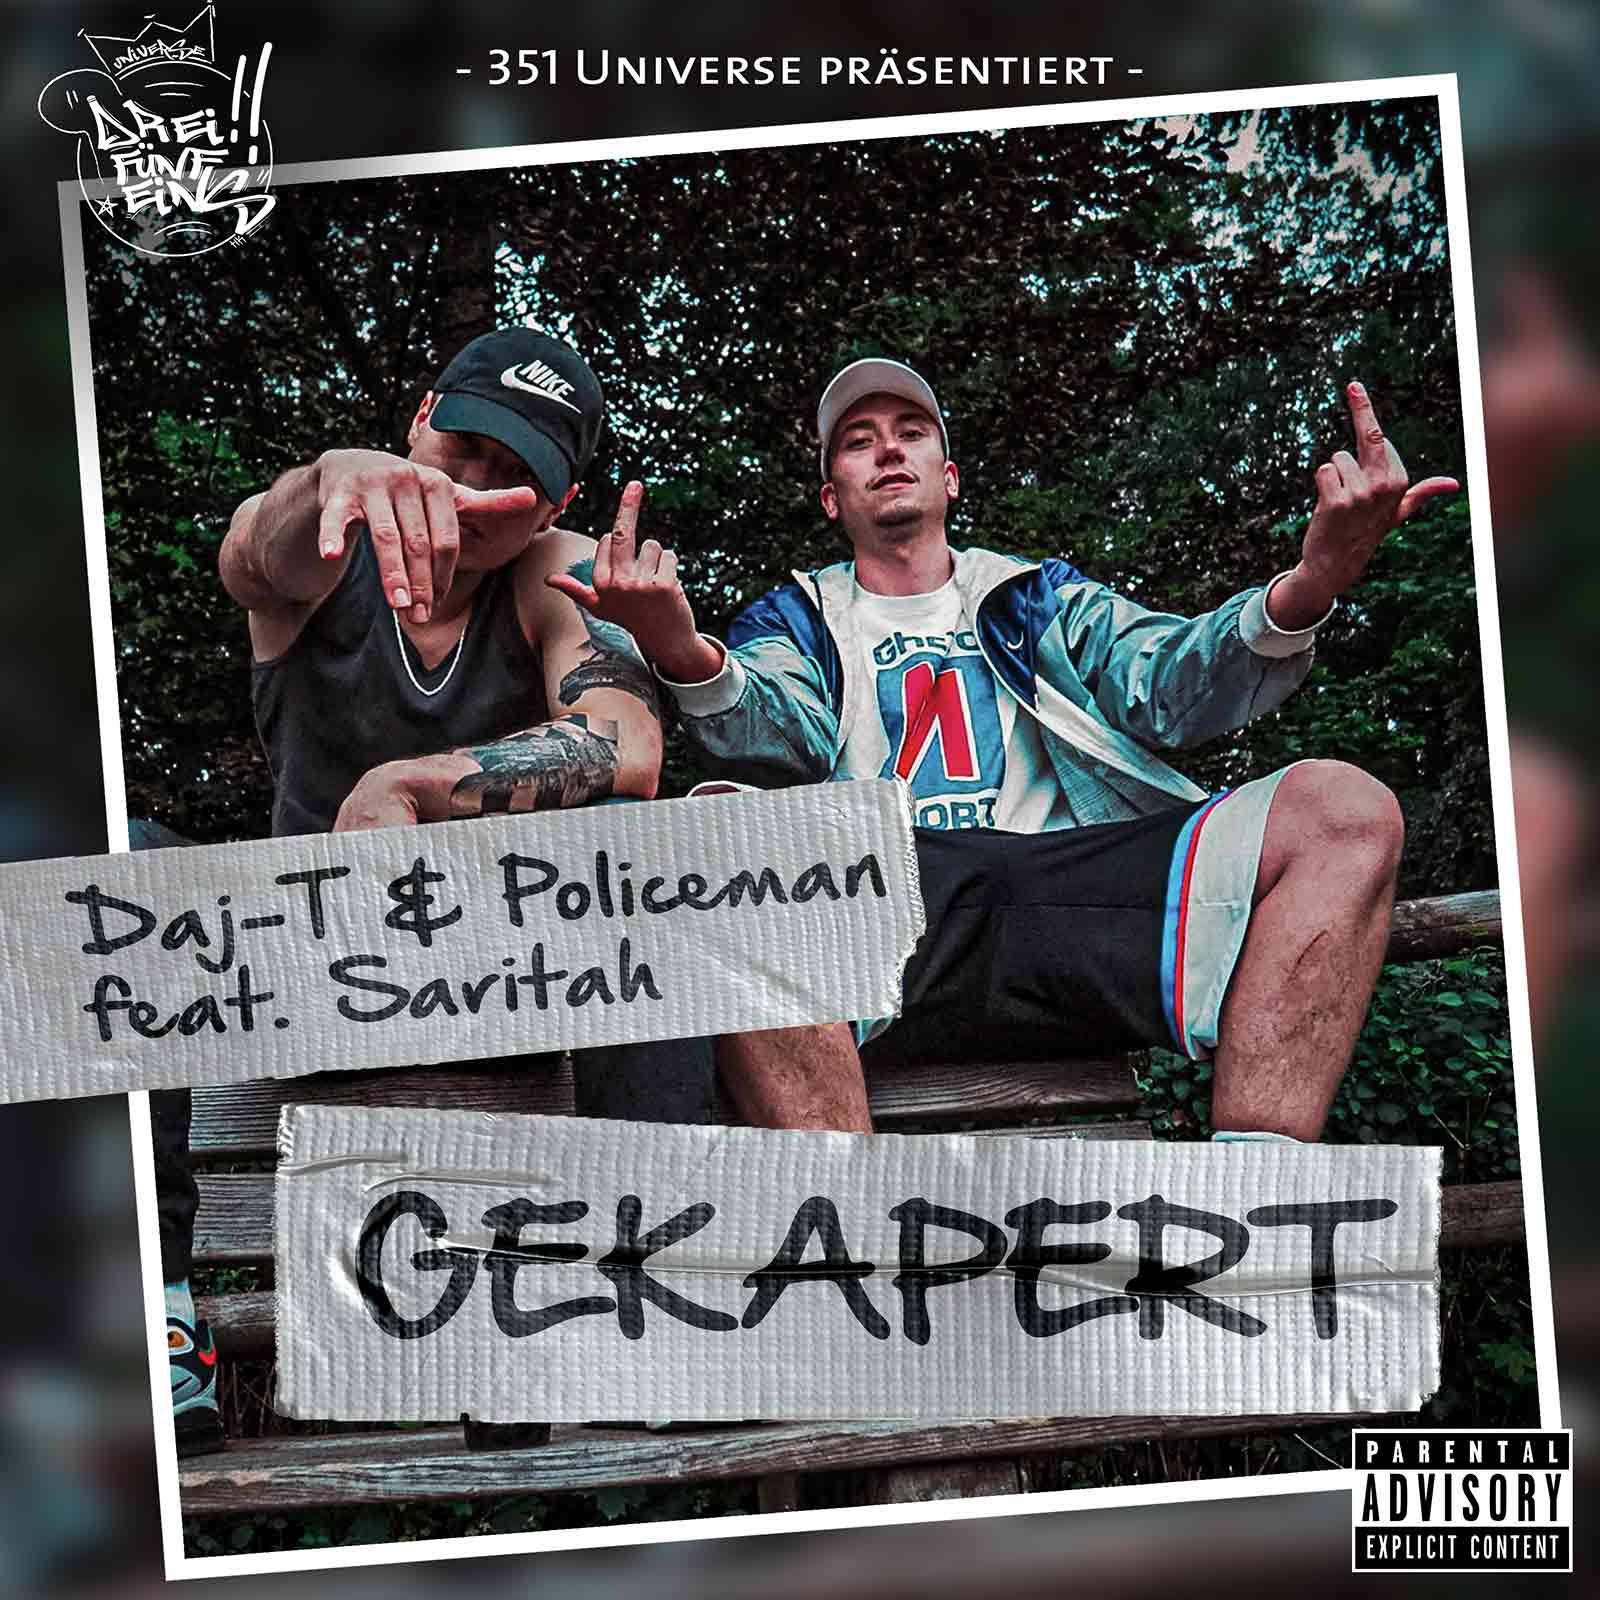 Upcoming: Daj-T & Policeman feat. Saritah Luisa - Gekapert